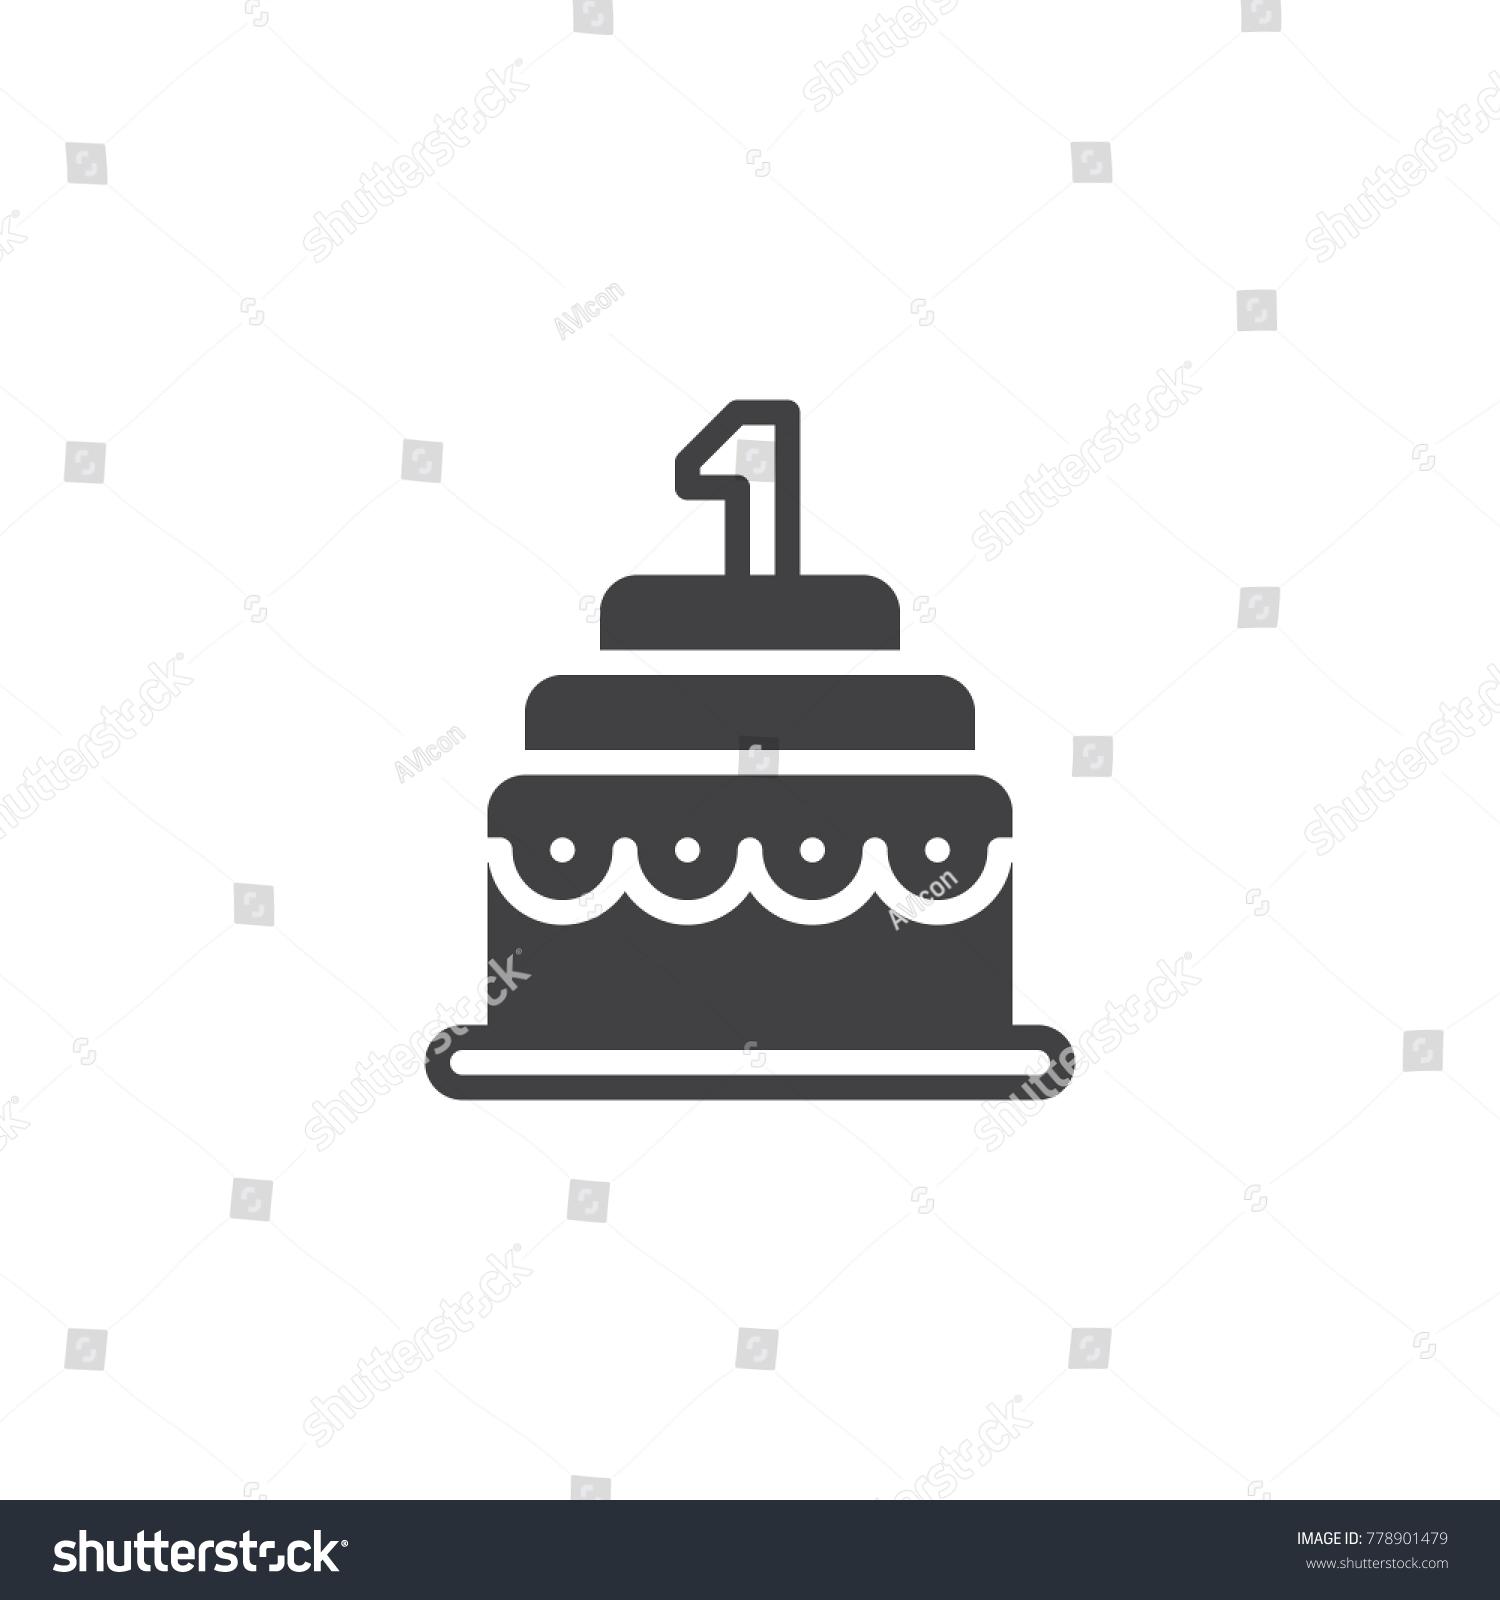 Birthday cake icon vector filled flat stock vector 778901479 birthday cake icon vector filled flat sign solid pictogram isolated on white symbol buycottarizona